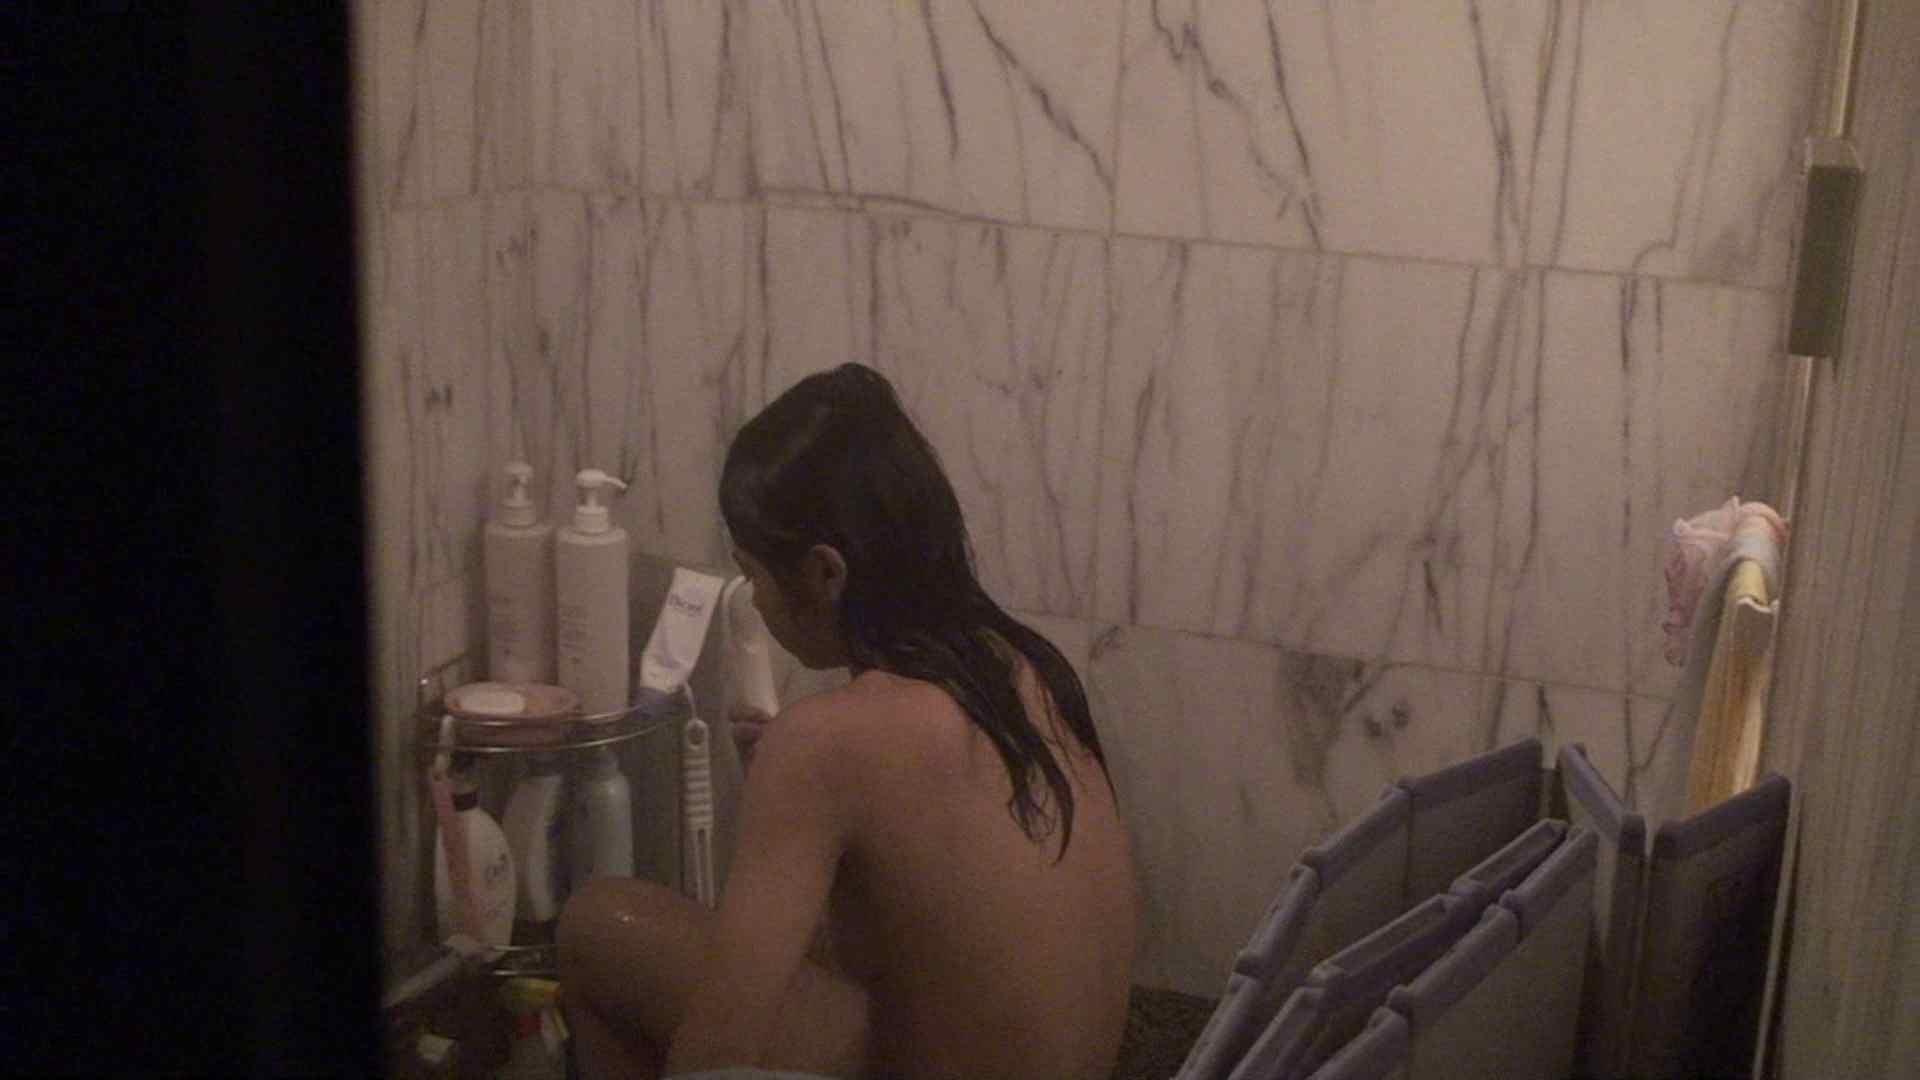 vol.03歌いながらつるつるのおっぱいを洗い流す彼女!近すぎてバレちゃた!? 覗き セックス画像 72画像 71